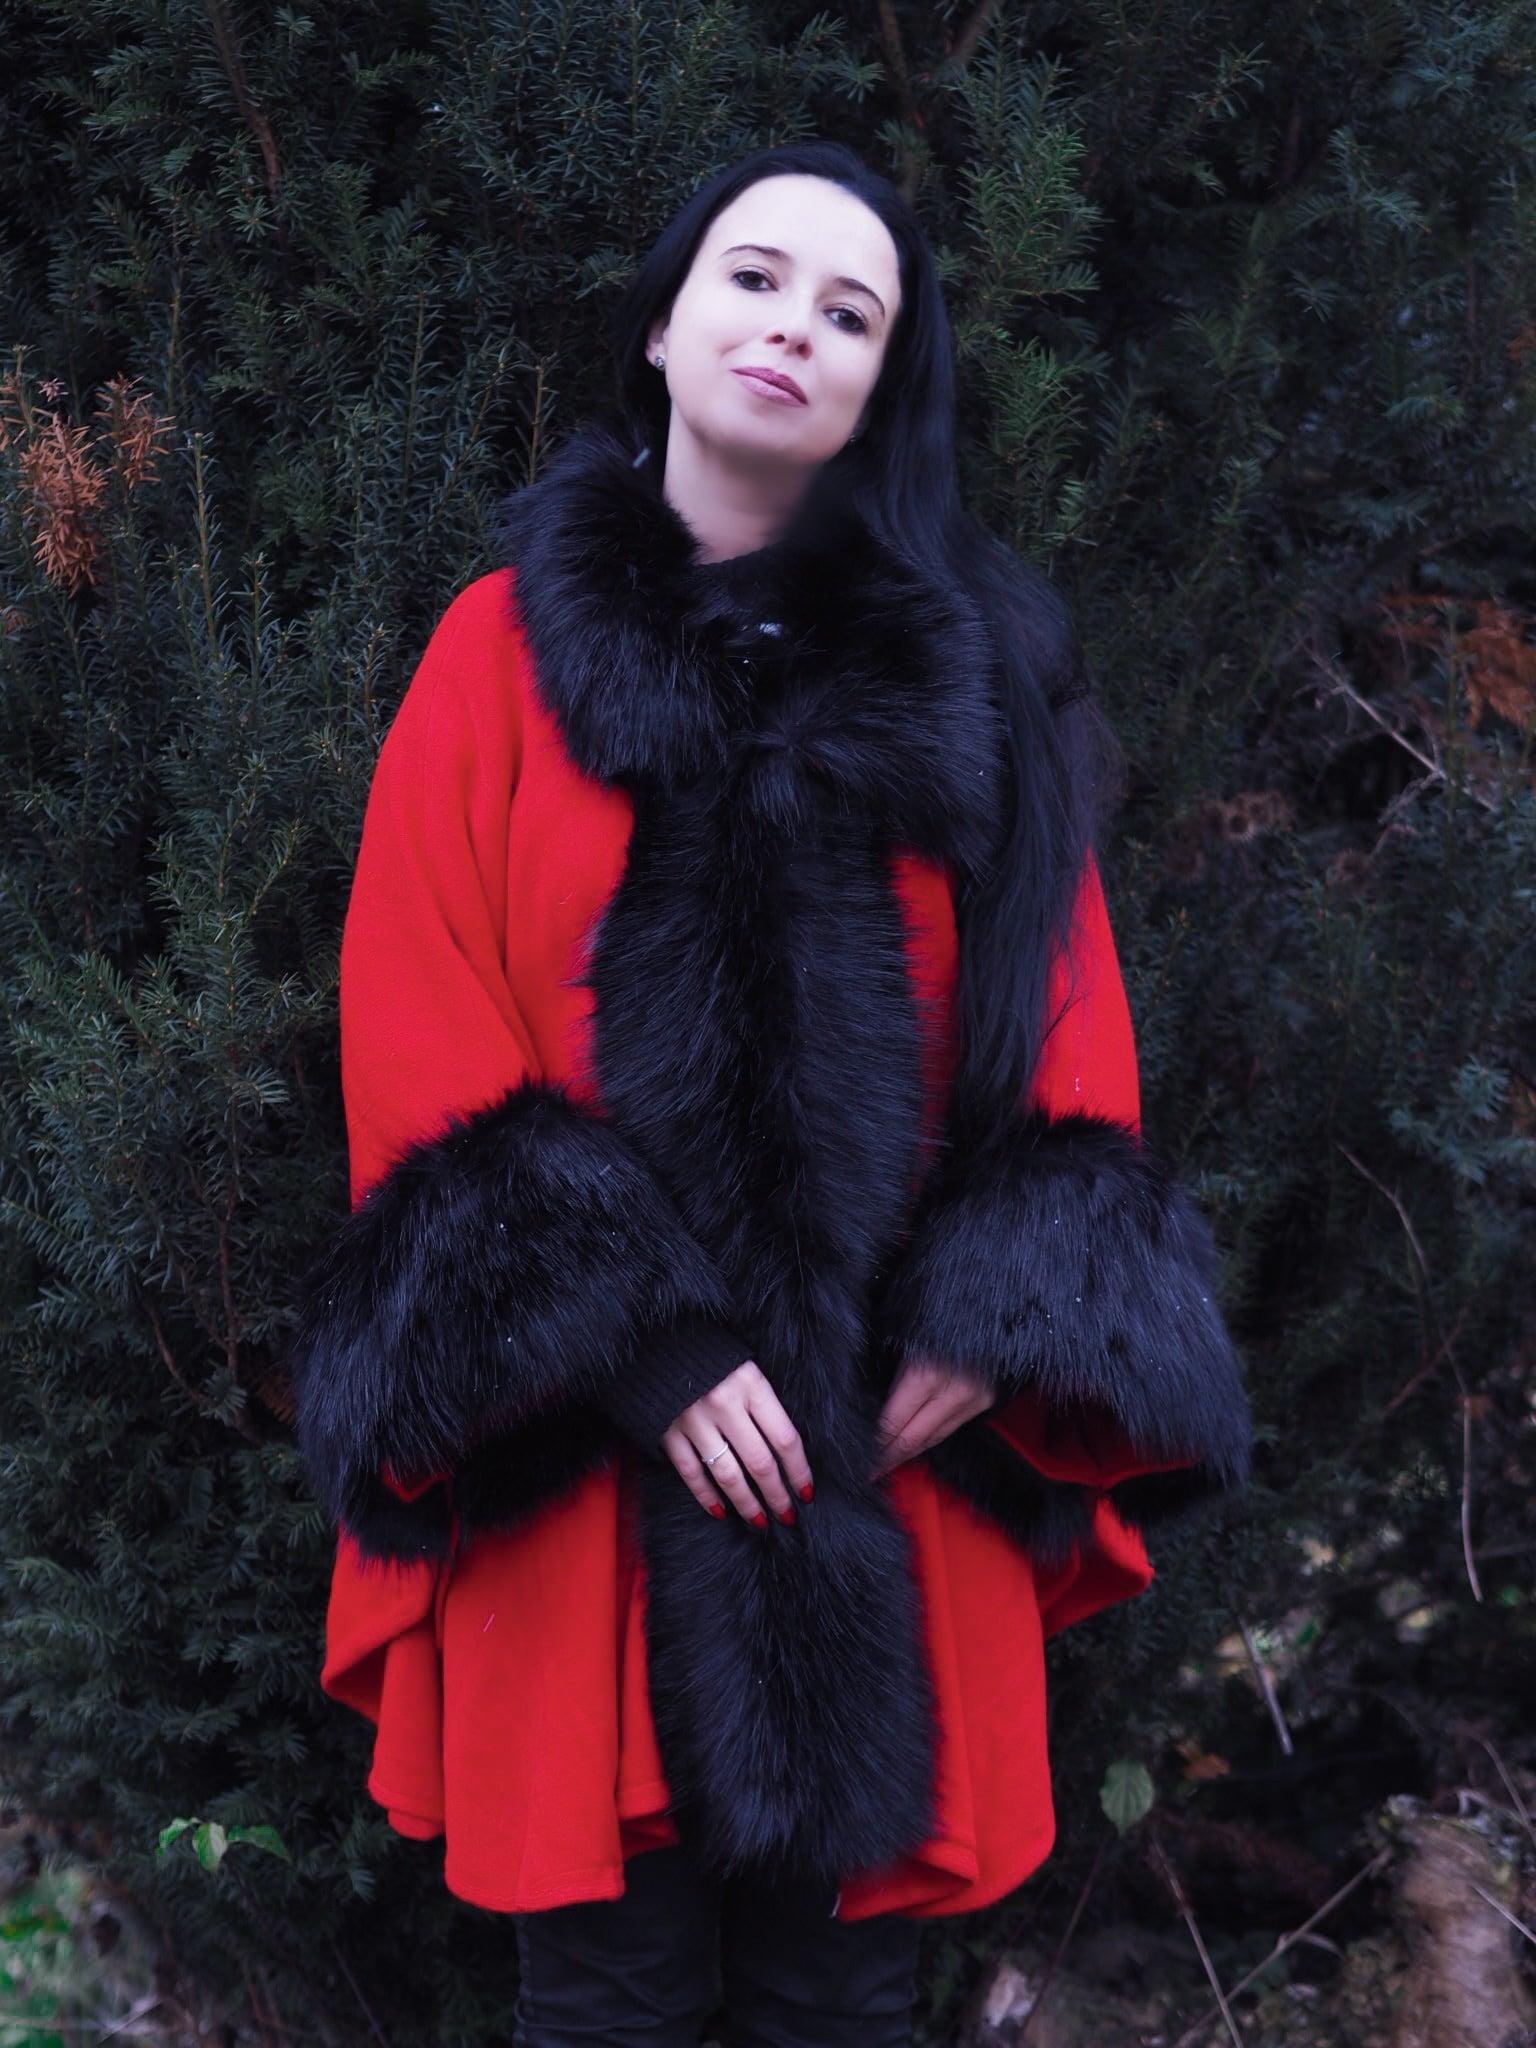 Der vegane Faux Fur Poncho von JJsHouse ist der perfekte Begleiteter für den Weihnachtsmarkt und glänzt durch luxuriöses Design und hochwertige Verarbeitung